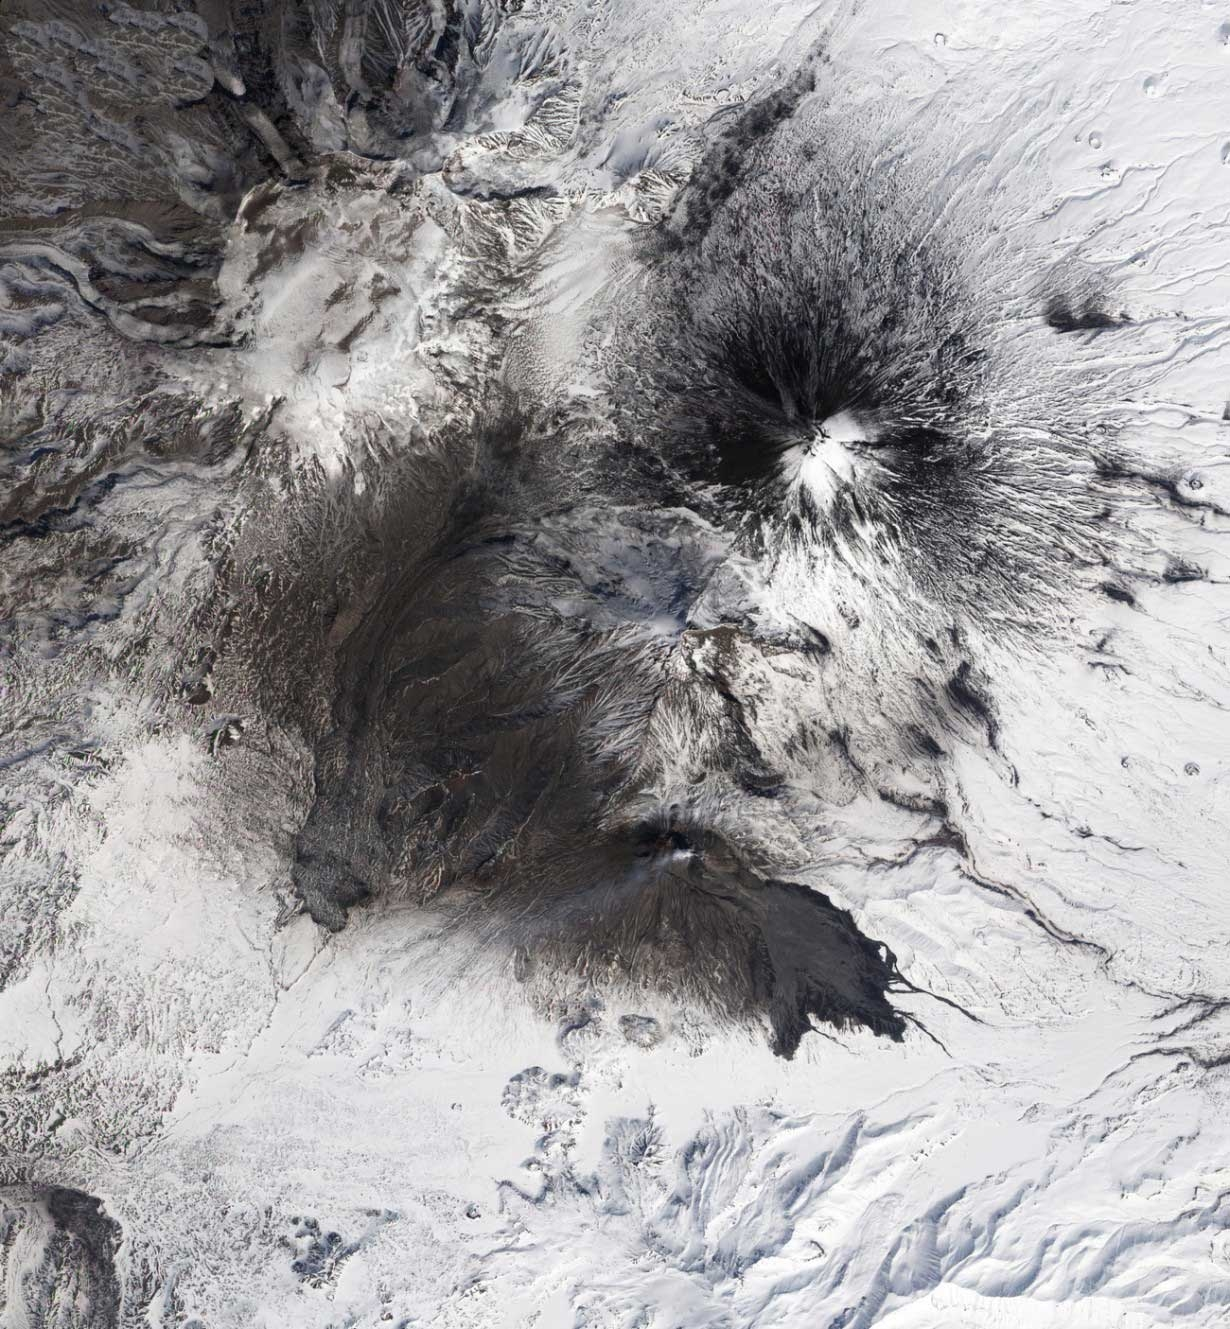 تصاویری از زیباترین آتشفشانهای فعال جهان در روسیه